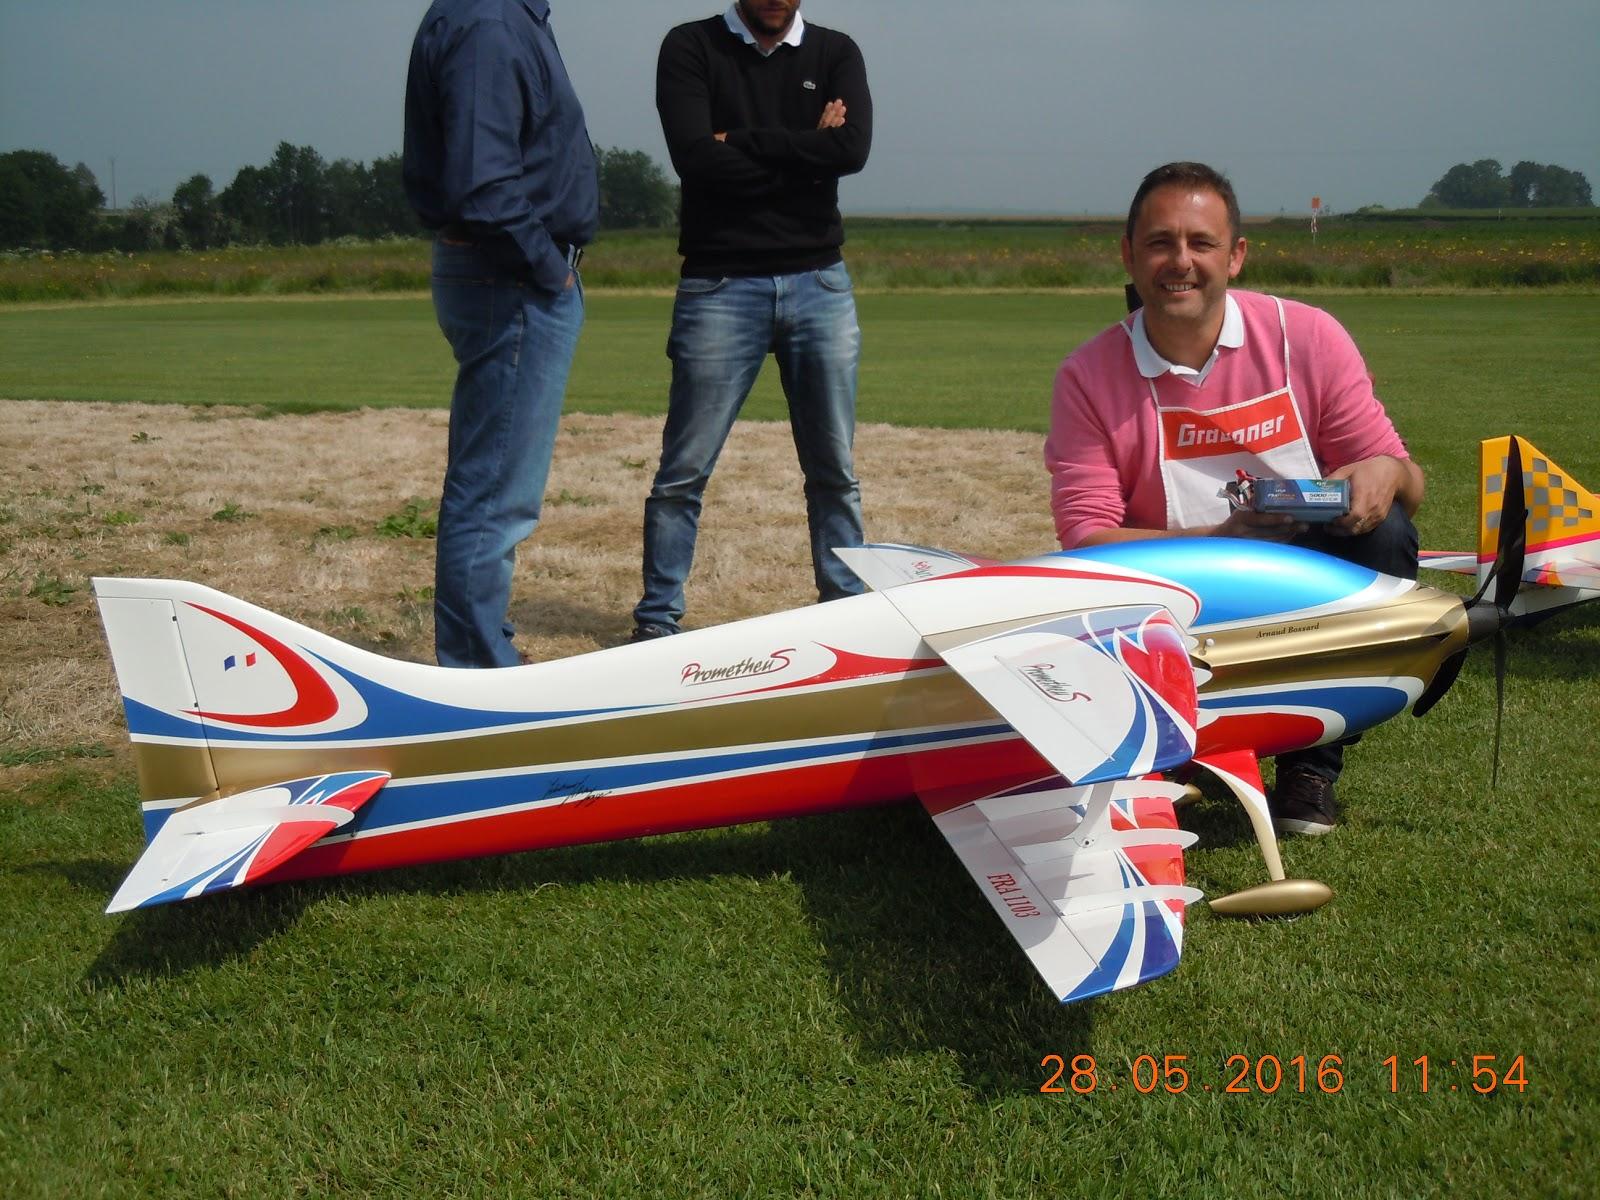 Prometheus Arnaud belgique.JPG